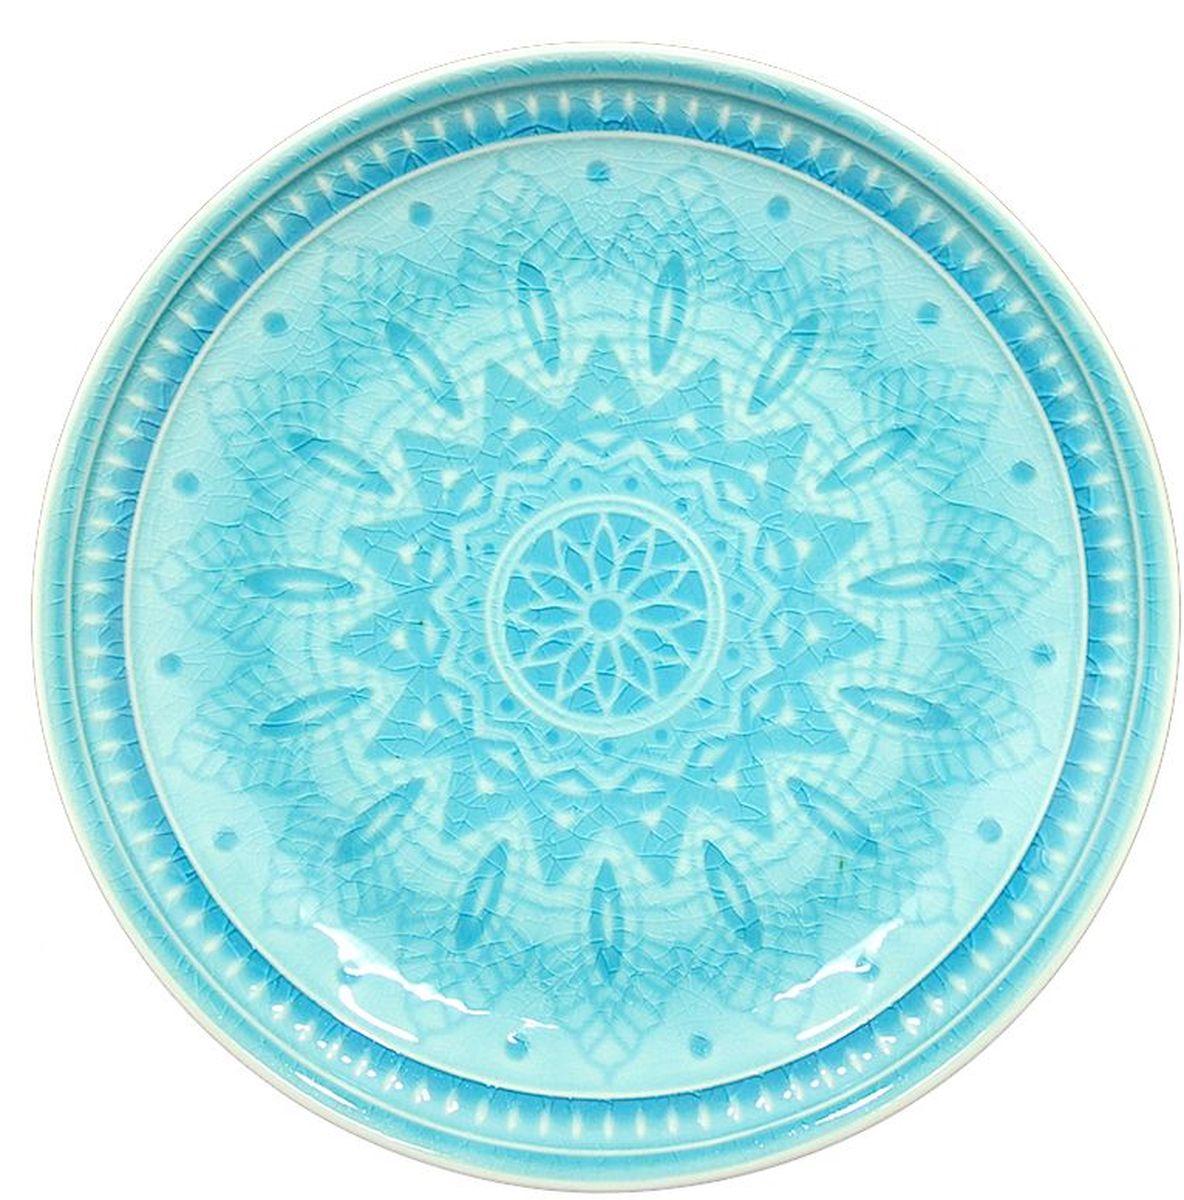 Набор тарелок десертных Tongo, цвет: голубая бирюза, диаметр 20,5 см, 6 штPL-205b Tongo Набор тарелок десертныхТрадиционная этническая посуда Индонезии. Декоративная техника придает посуде этнический шарм, с элементами старения, в виде паутинки мелких трещинок на поверхности эмали, что повышает ее привлекательность и ценность среди посудных аналогов. В процессе эксплуатации мелкие трещины так же могут проявляться на внутренних поверхностях кружек и салатников, - что так же является задумкой дизайнеров, заложенной в производственной технологии.